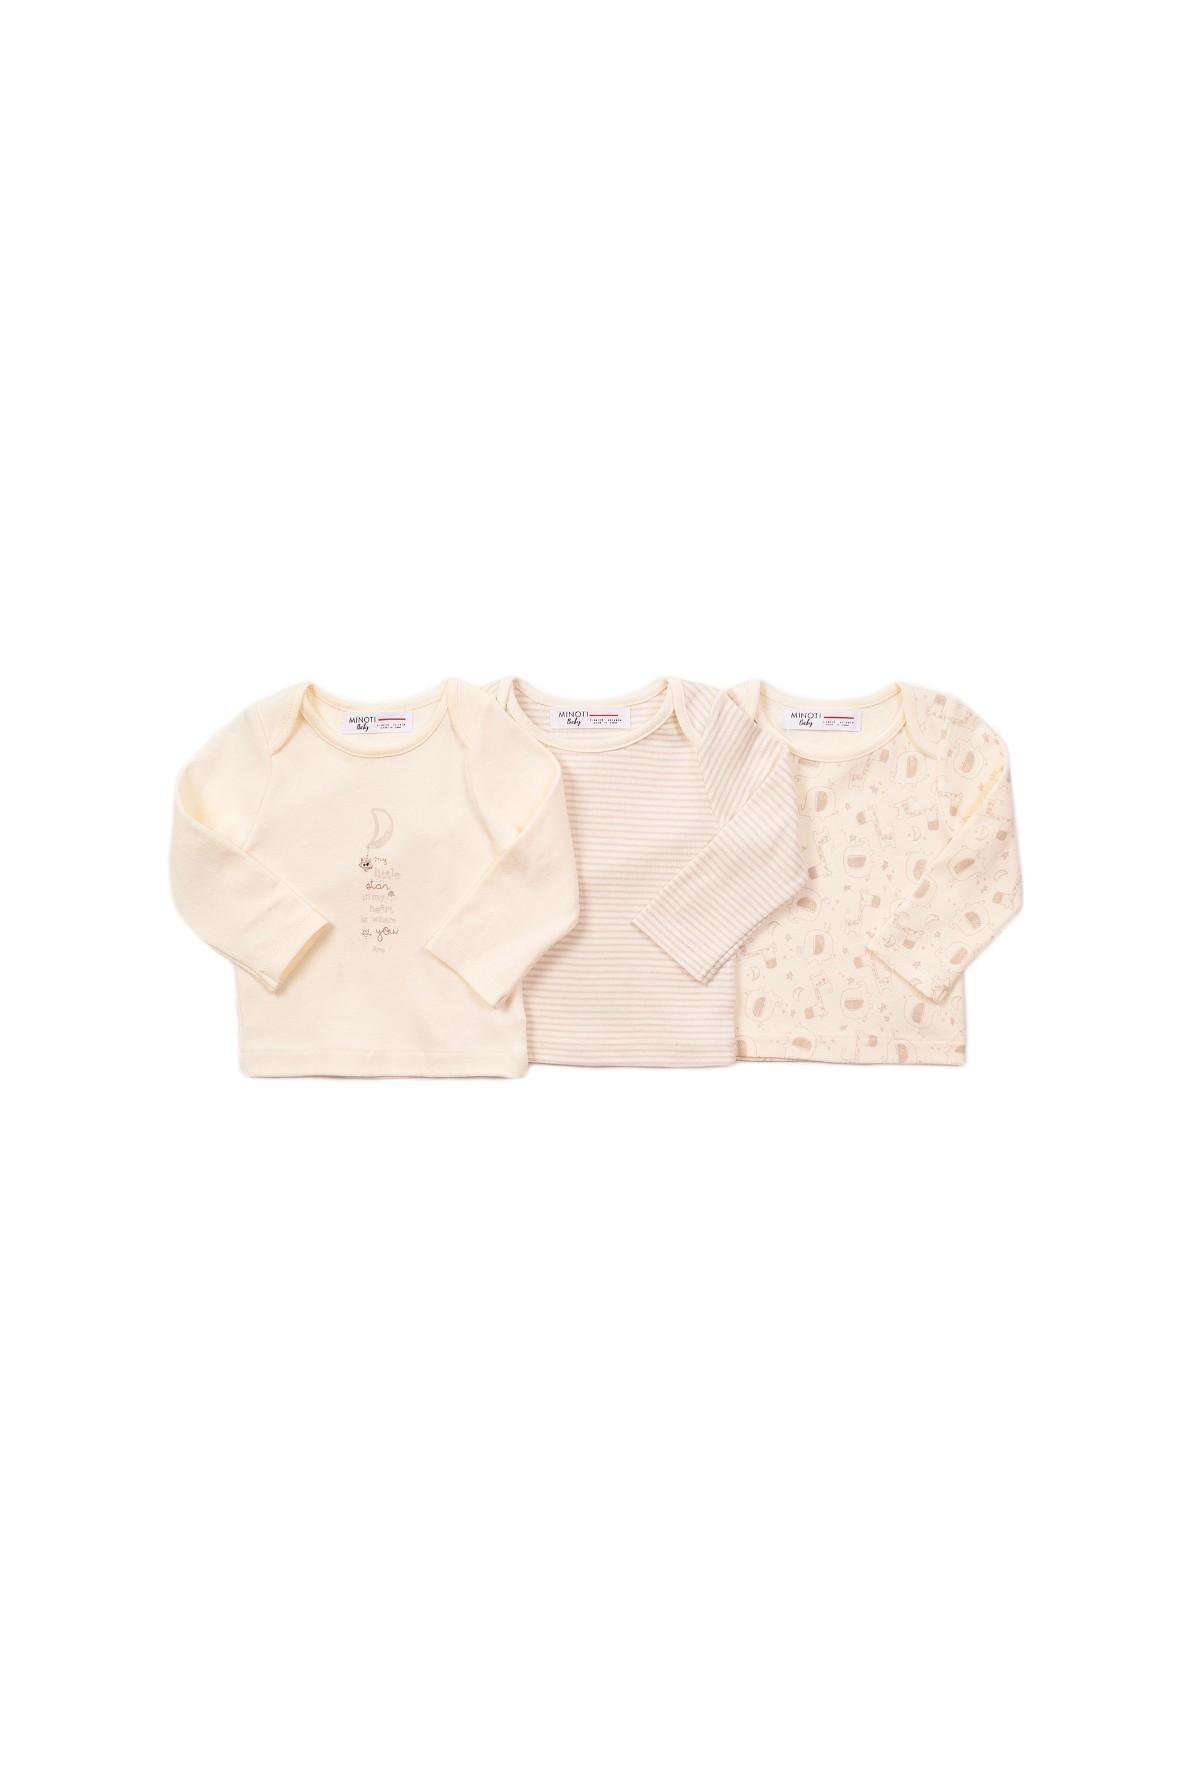 Bawełniane bluzki niemowlęce - beżowe 3pak